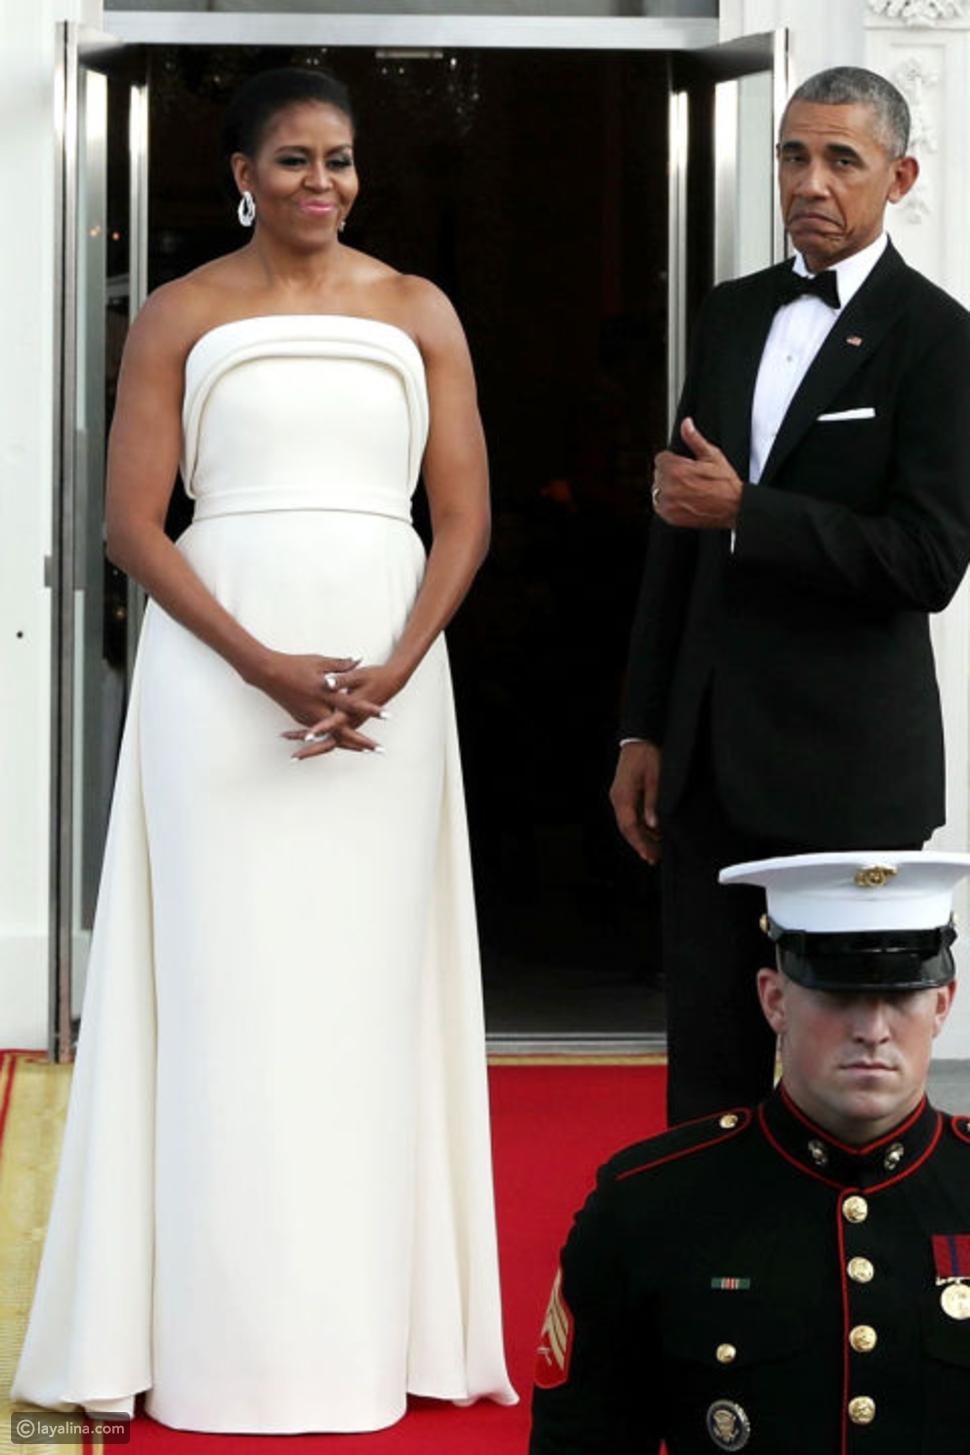 ميشيل أوباما ترتدي فستان أبيض جذاب من توقيع ماكسويل براندون والرئيس يثني على إطلالتها